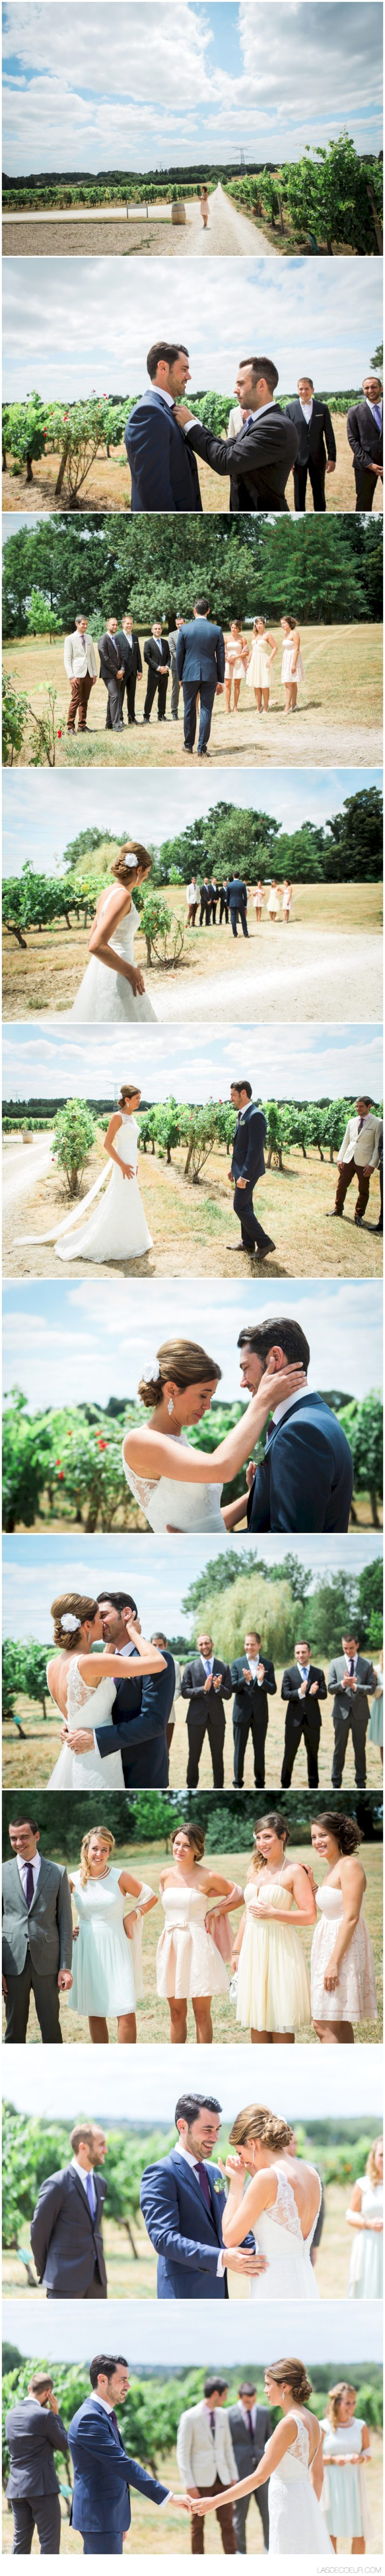 photographe mariage Bordeaux rencontre